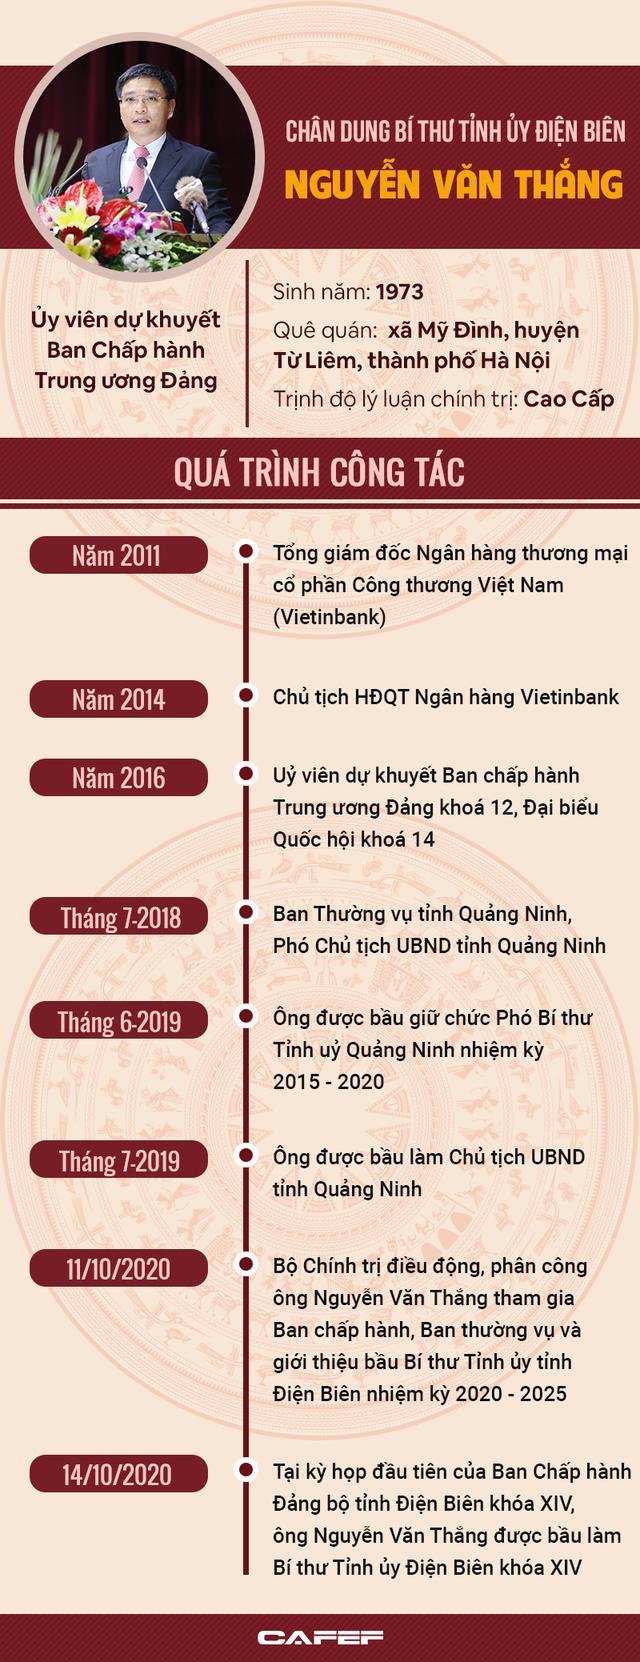 [Infographic]: Chân dung tân Bí thư Tỉnh ủy Điện Biên Nguyễn Văn Thắng  - Ảnh 1.